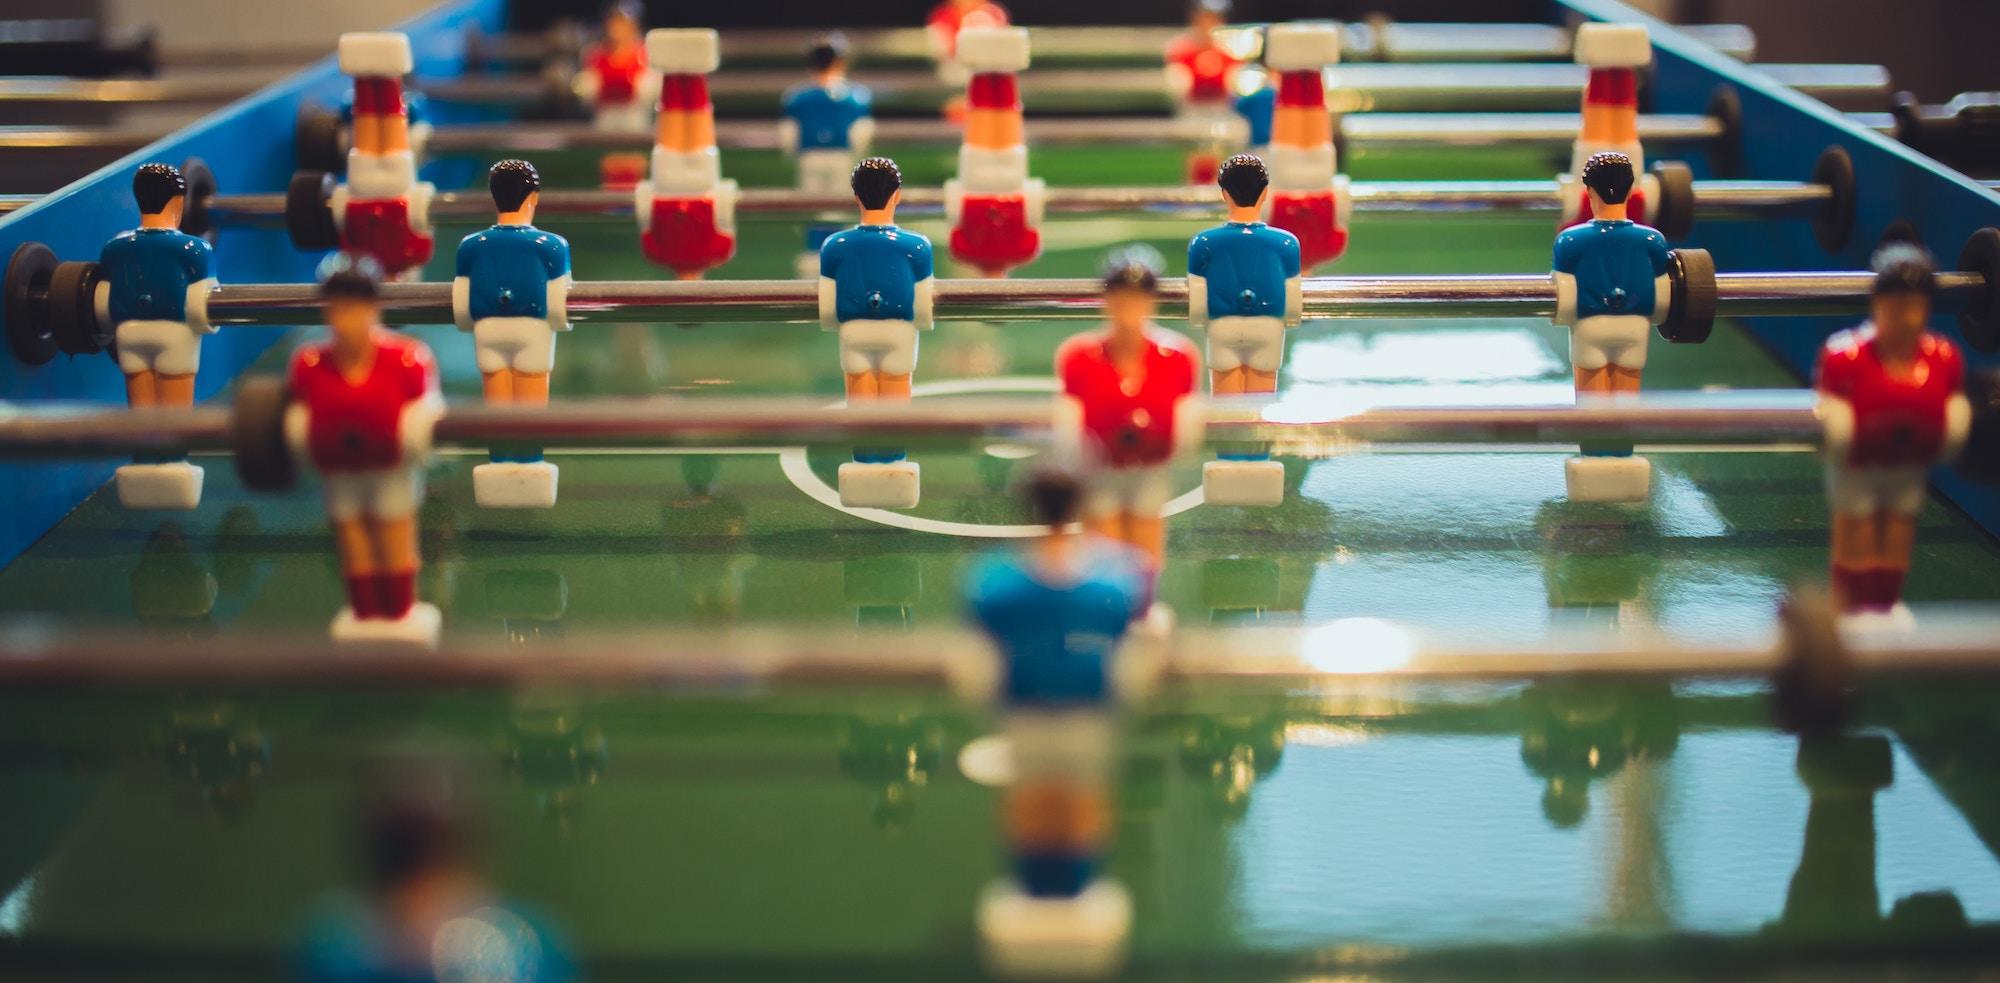 Construire un lead scoring, quel rôle pour les commerciaux ?